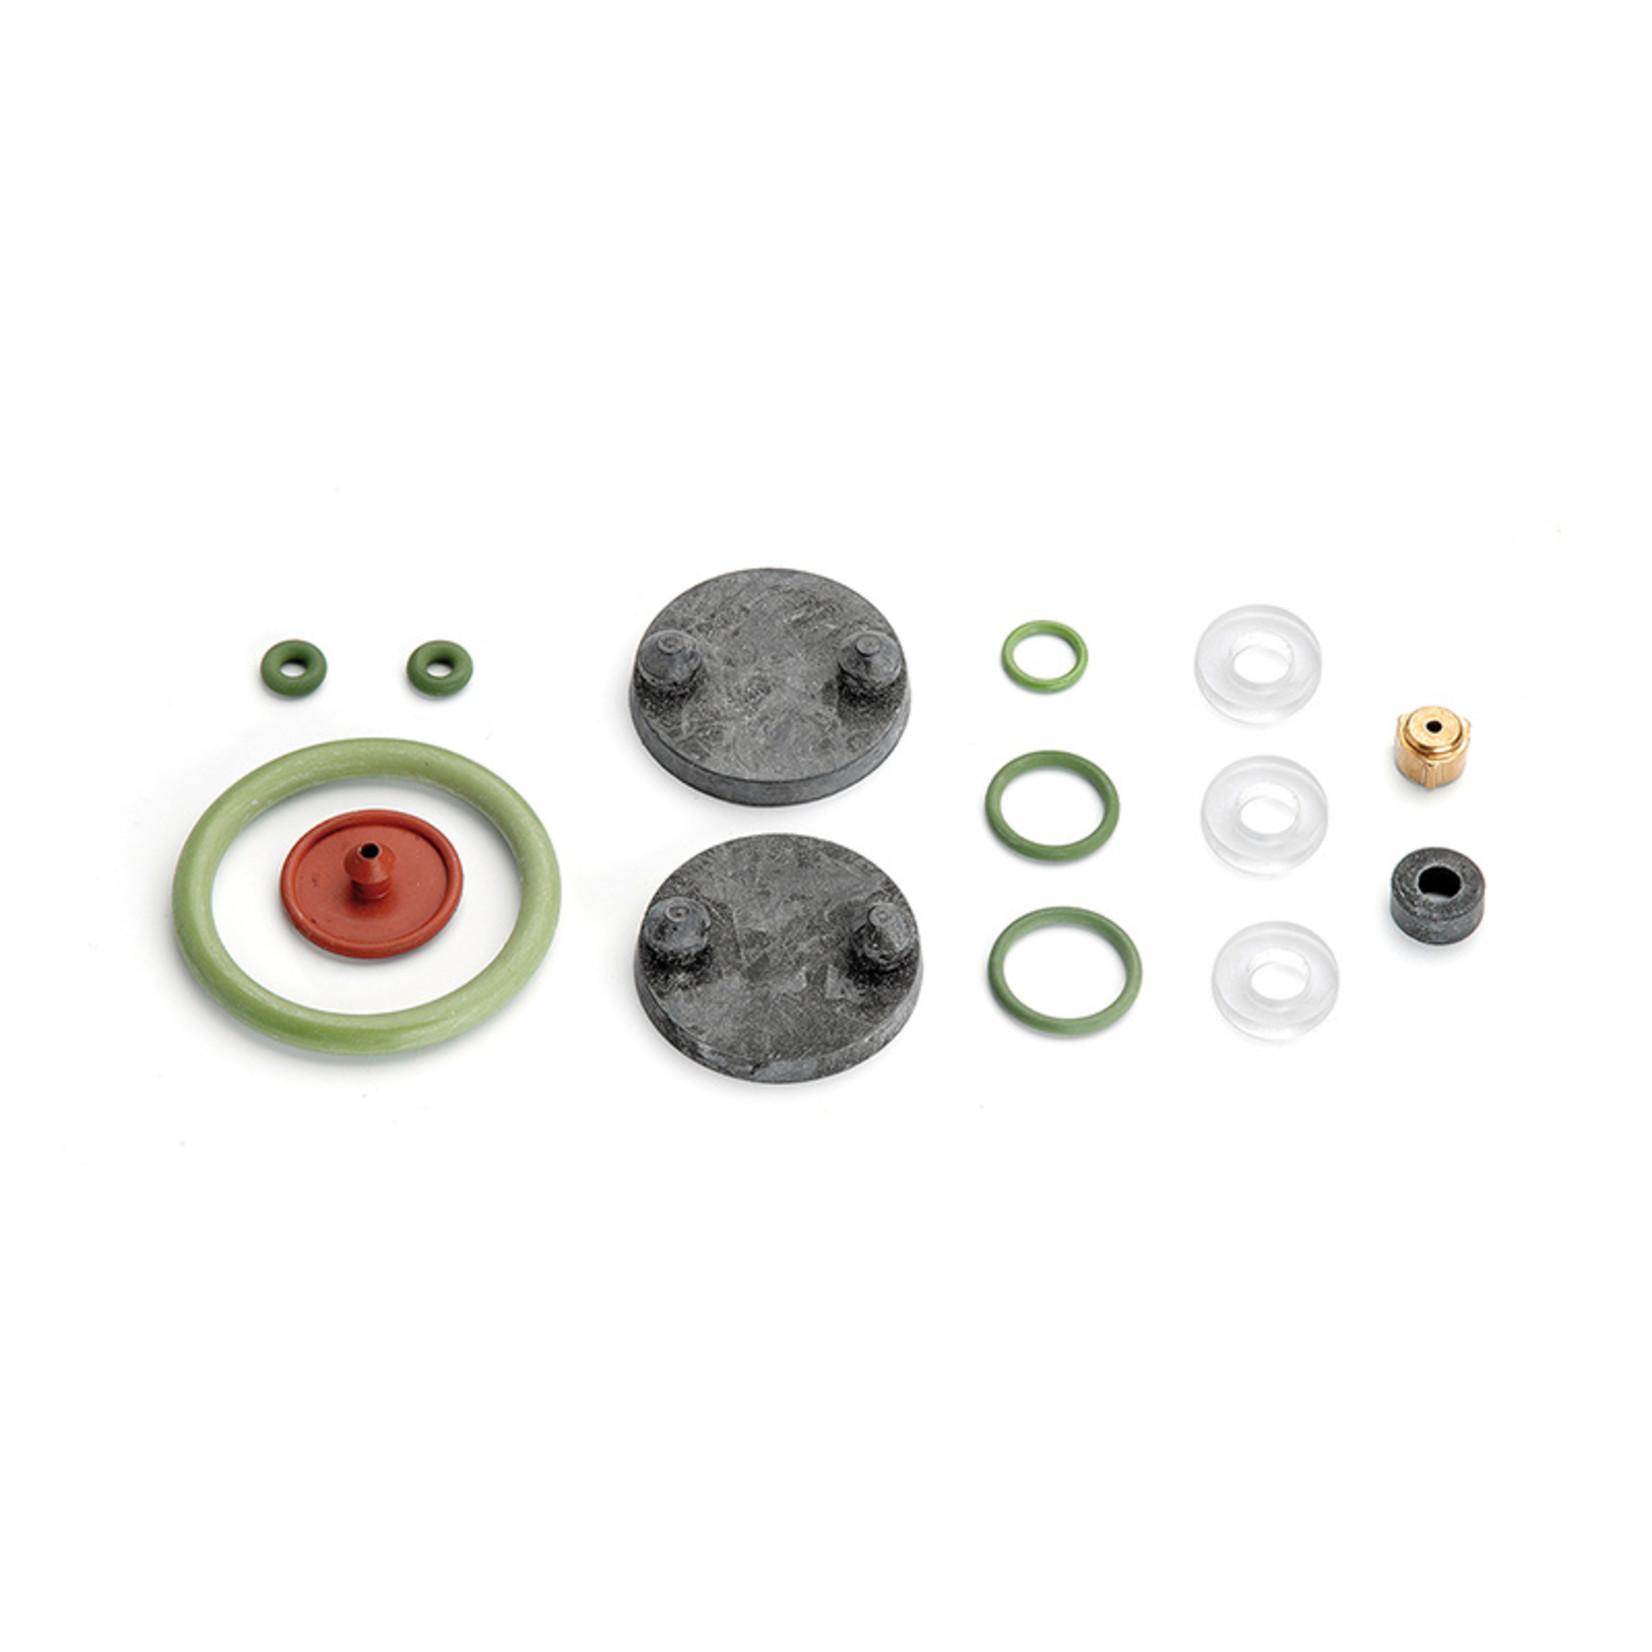 Gloria onderdelen Pakkingset Pro 5, 8, Stratos 5 en Spray & Paint (Pro) drukspuiten